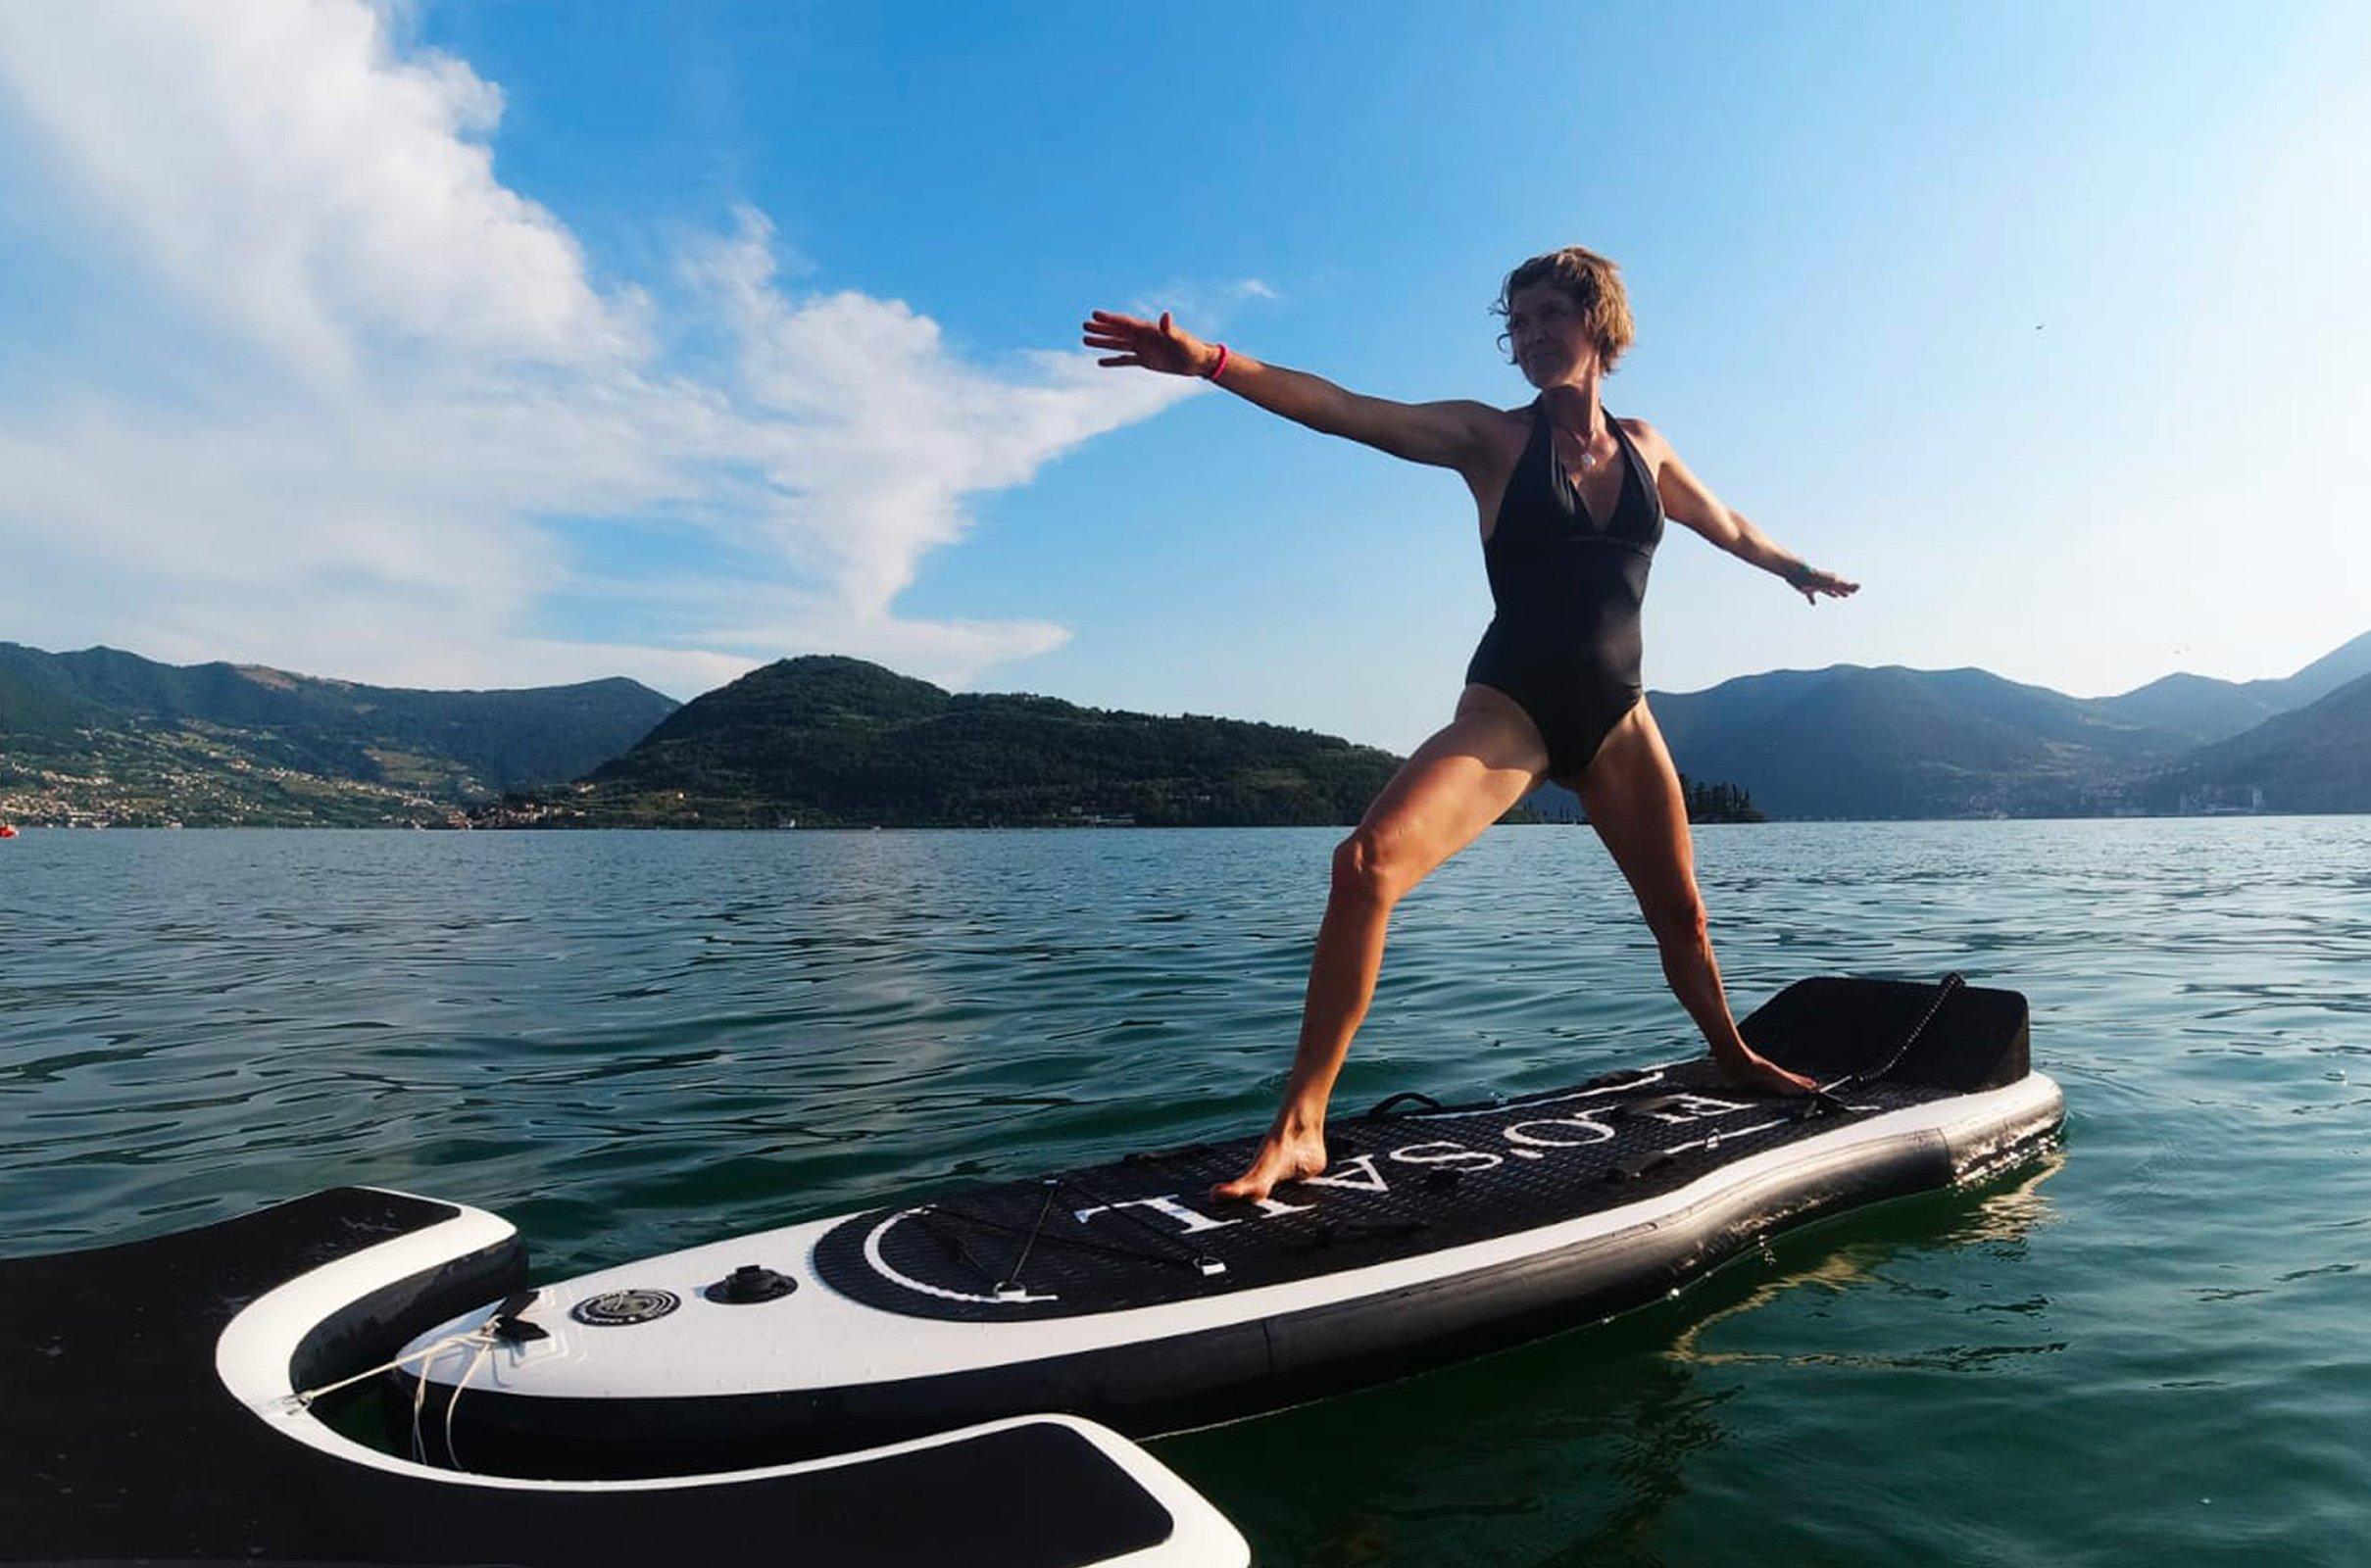 I 5 motivi per praticare il Paddle Boarding